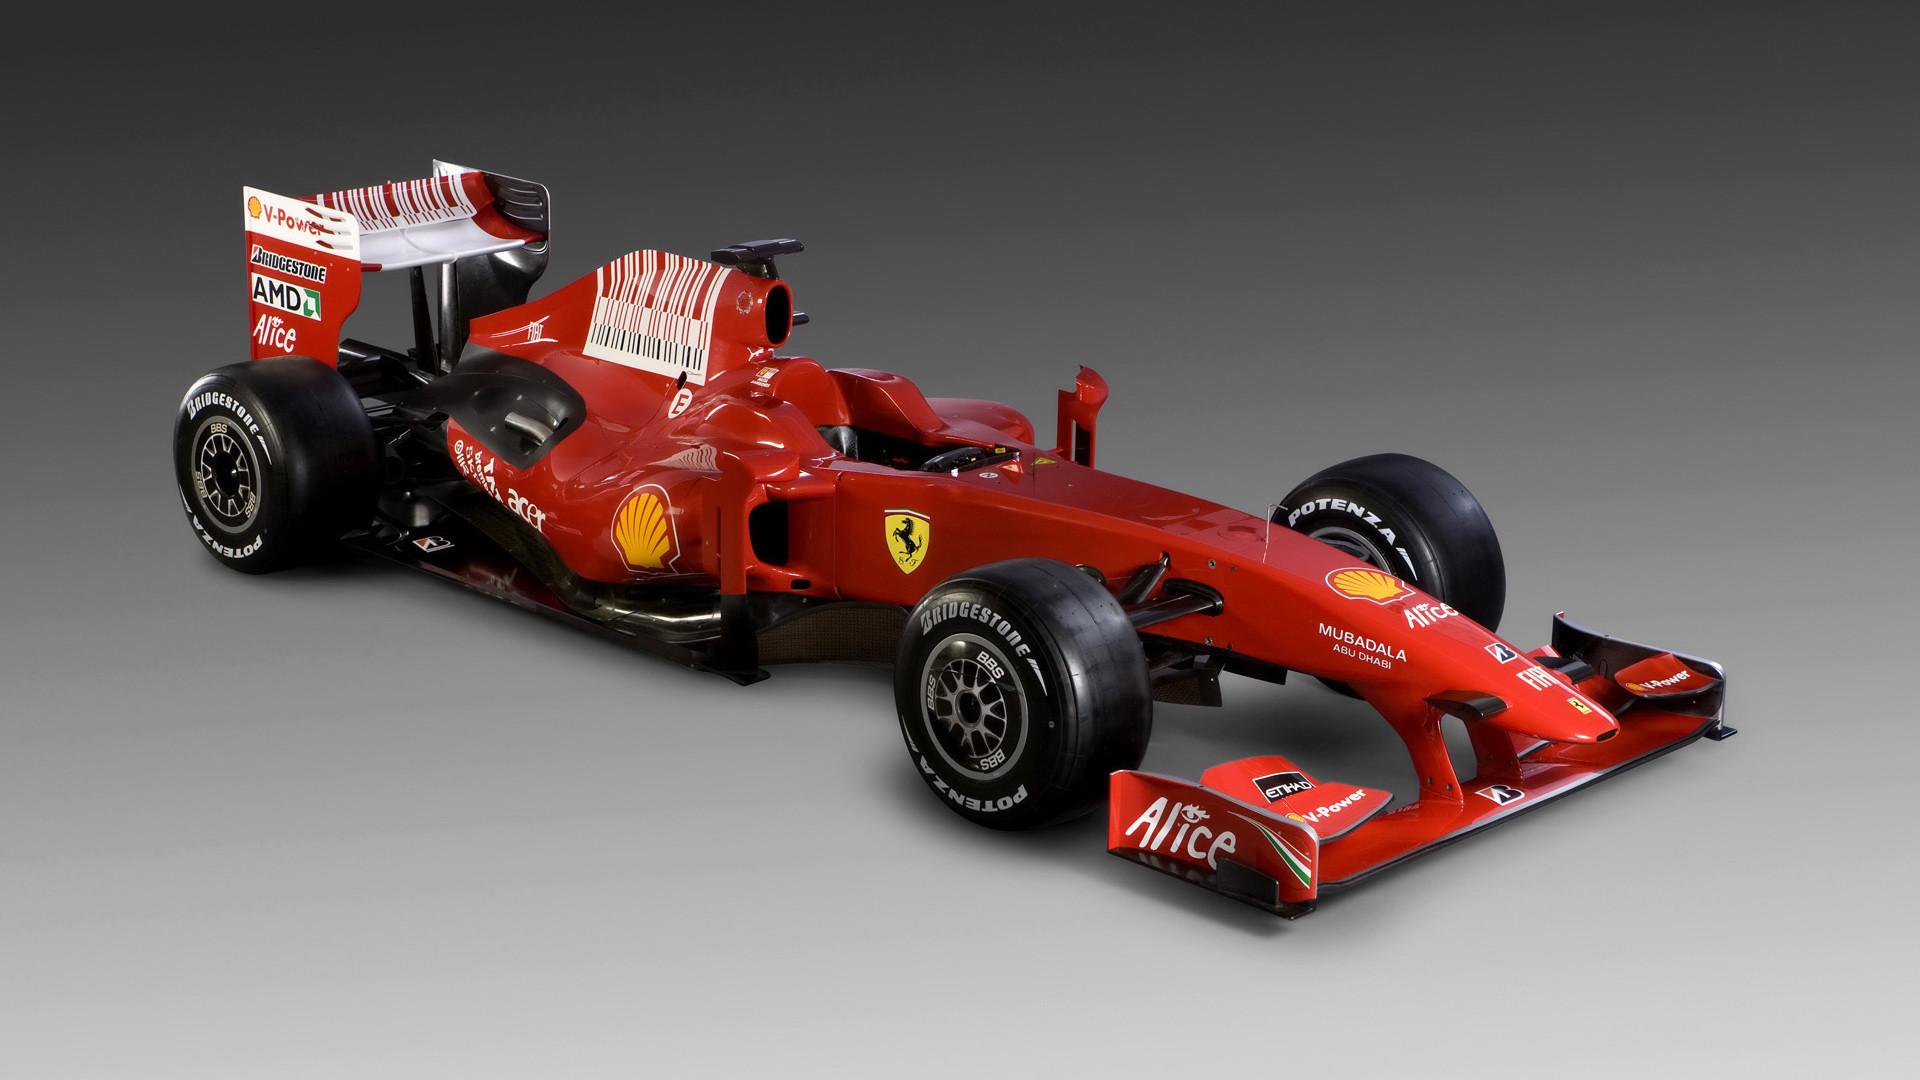 Res: 1920x1080, Ferrari F60 HDTV 1080p